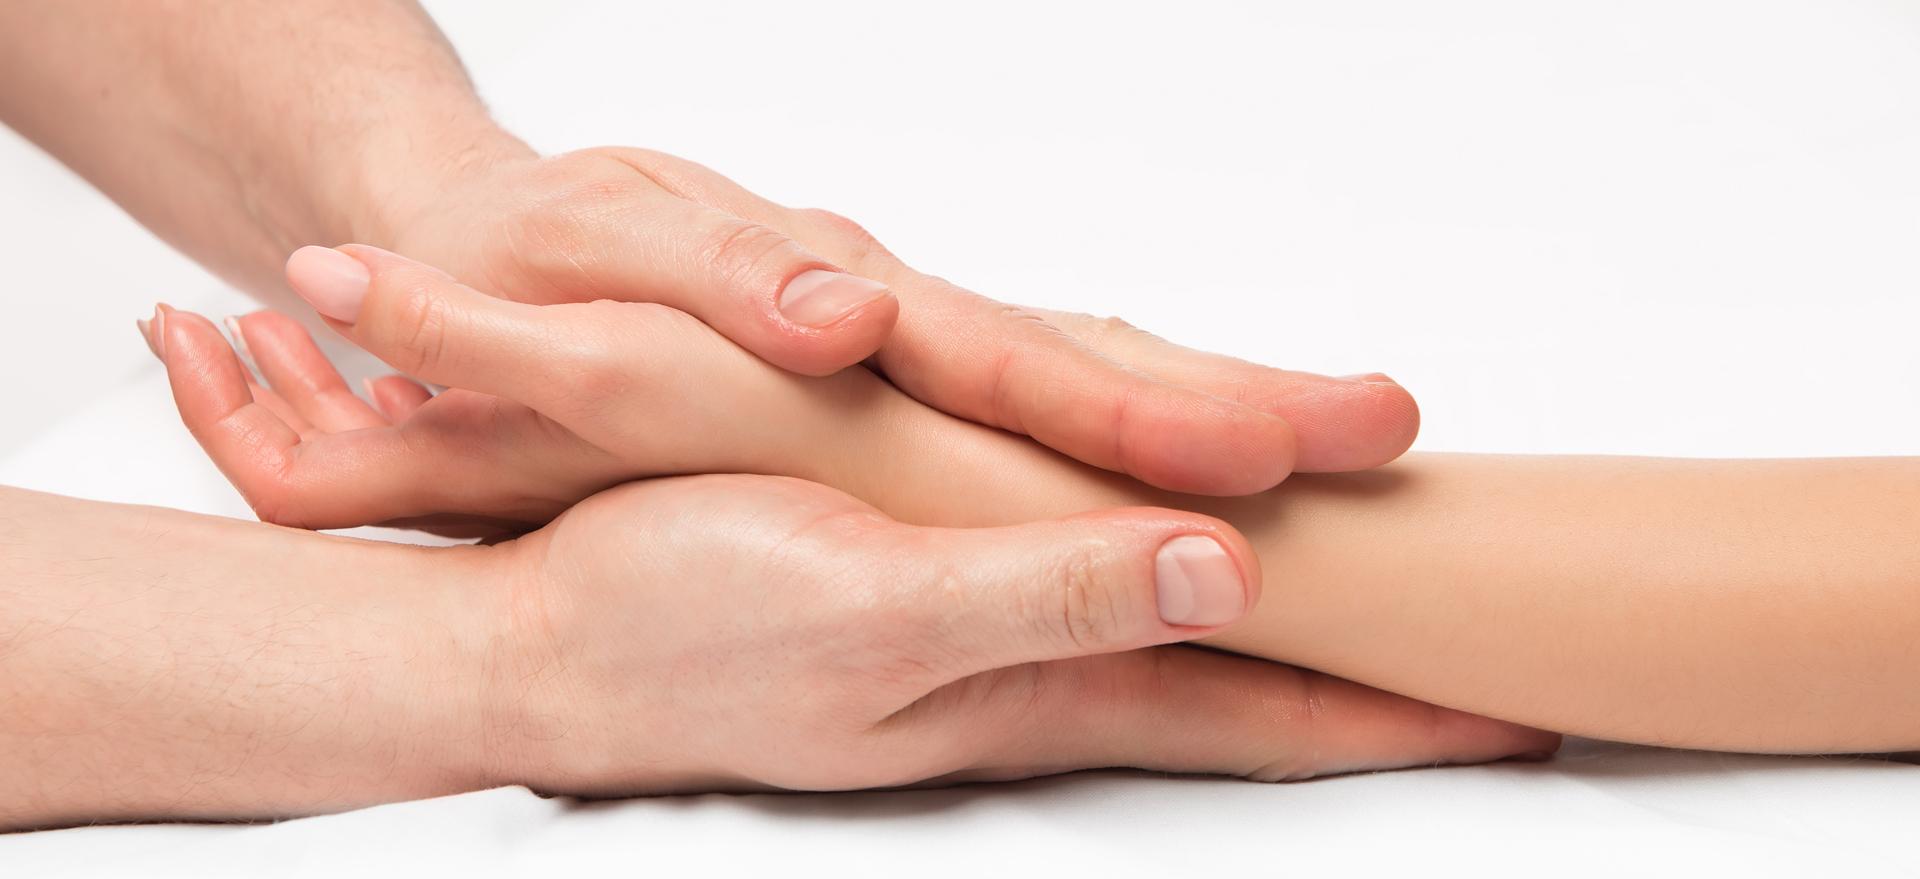 MAYOKA Massage